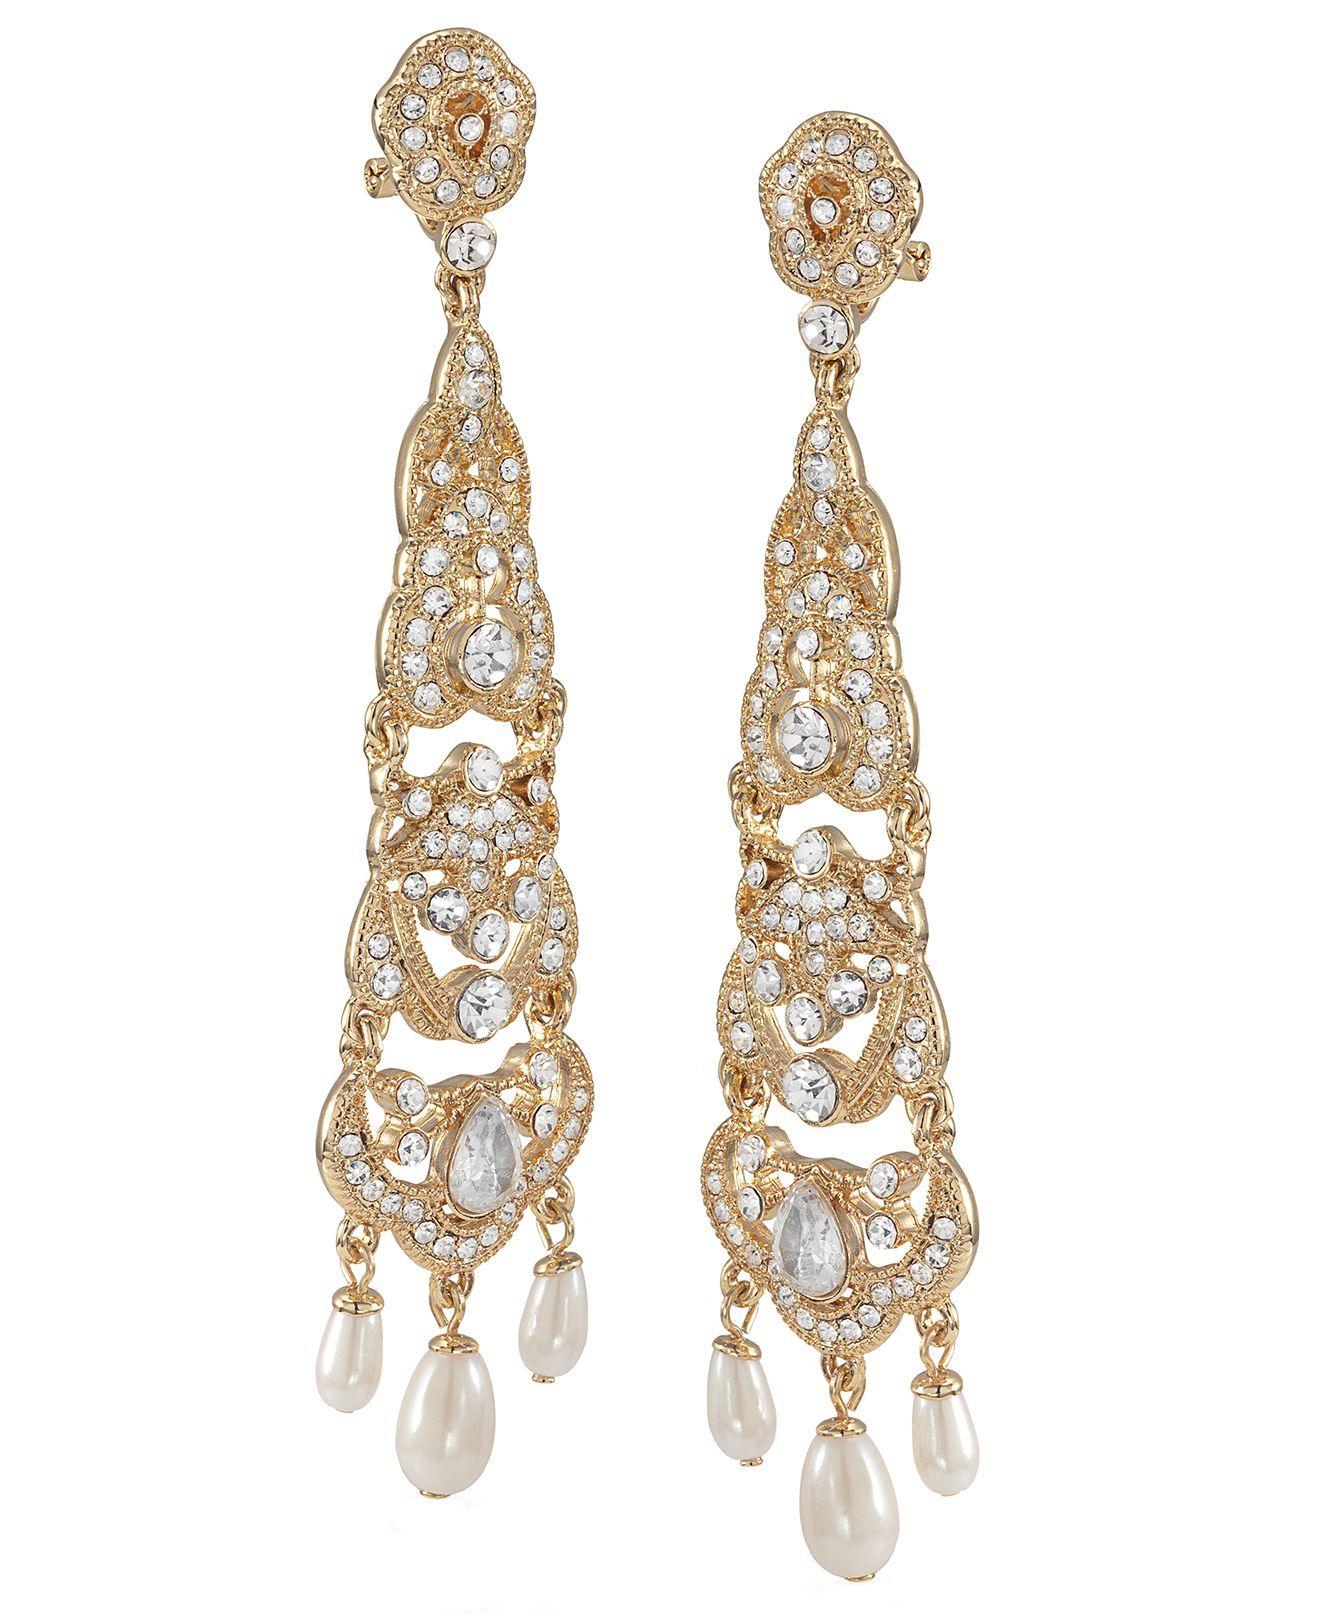 50 Carolee Earrings, Gold Tone Linear Chandelier Earrings